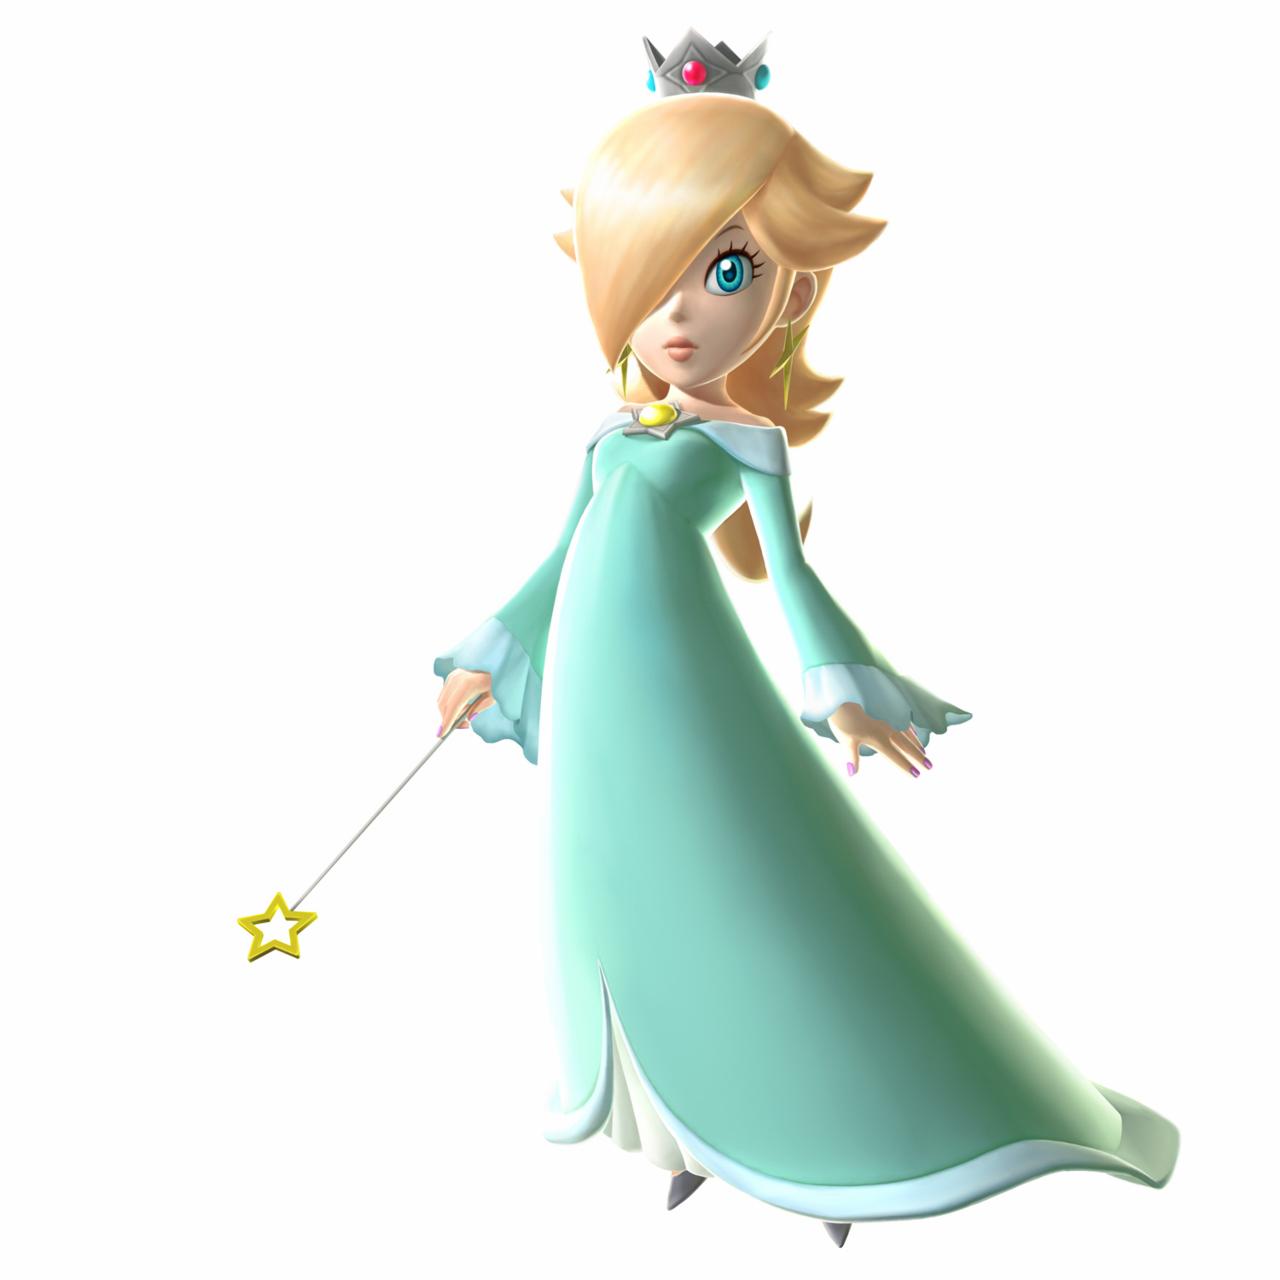 http://2.bp.blogspot.com/_Cn57YZO8BZo/TDWiT-Ivp8I/AAAAAAAAAGY/odYotaXvtX0/s1600/Princess-Rosalina-super-mario-galaxy-461497_1280_1280.jpg